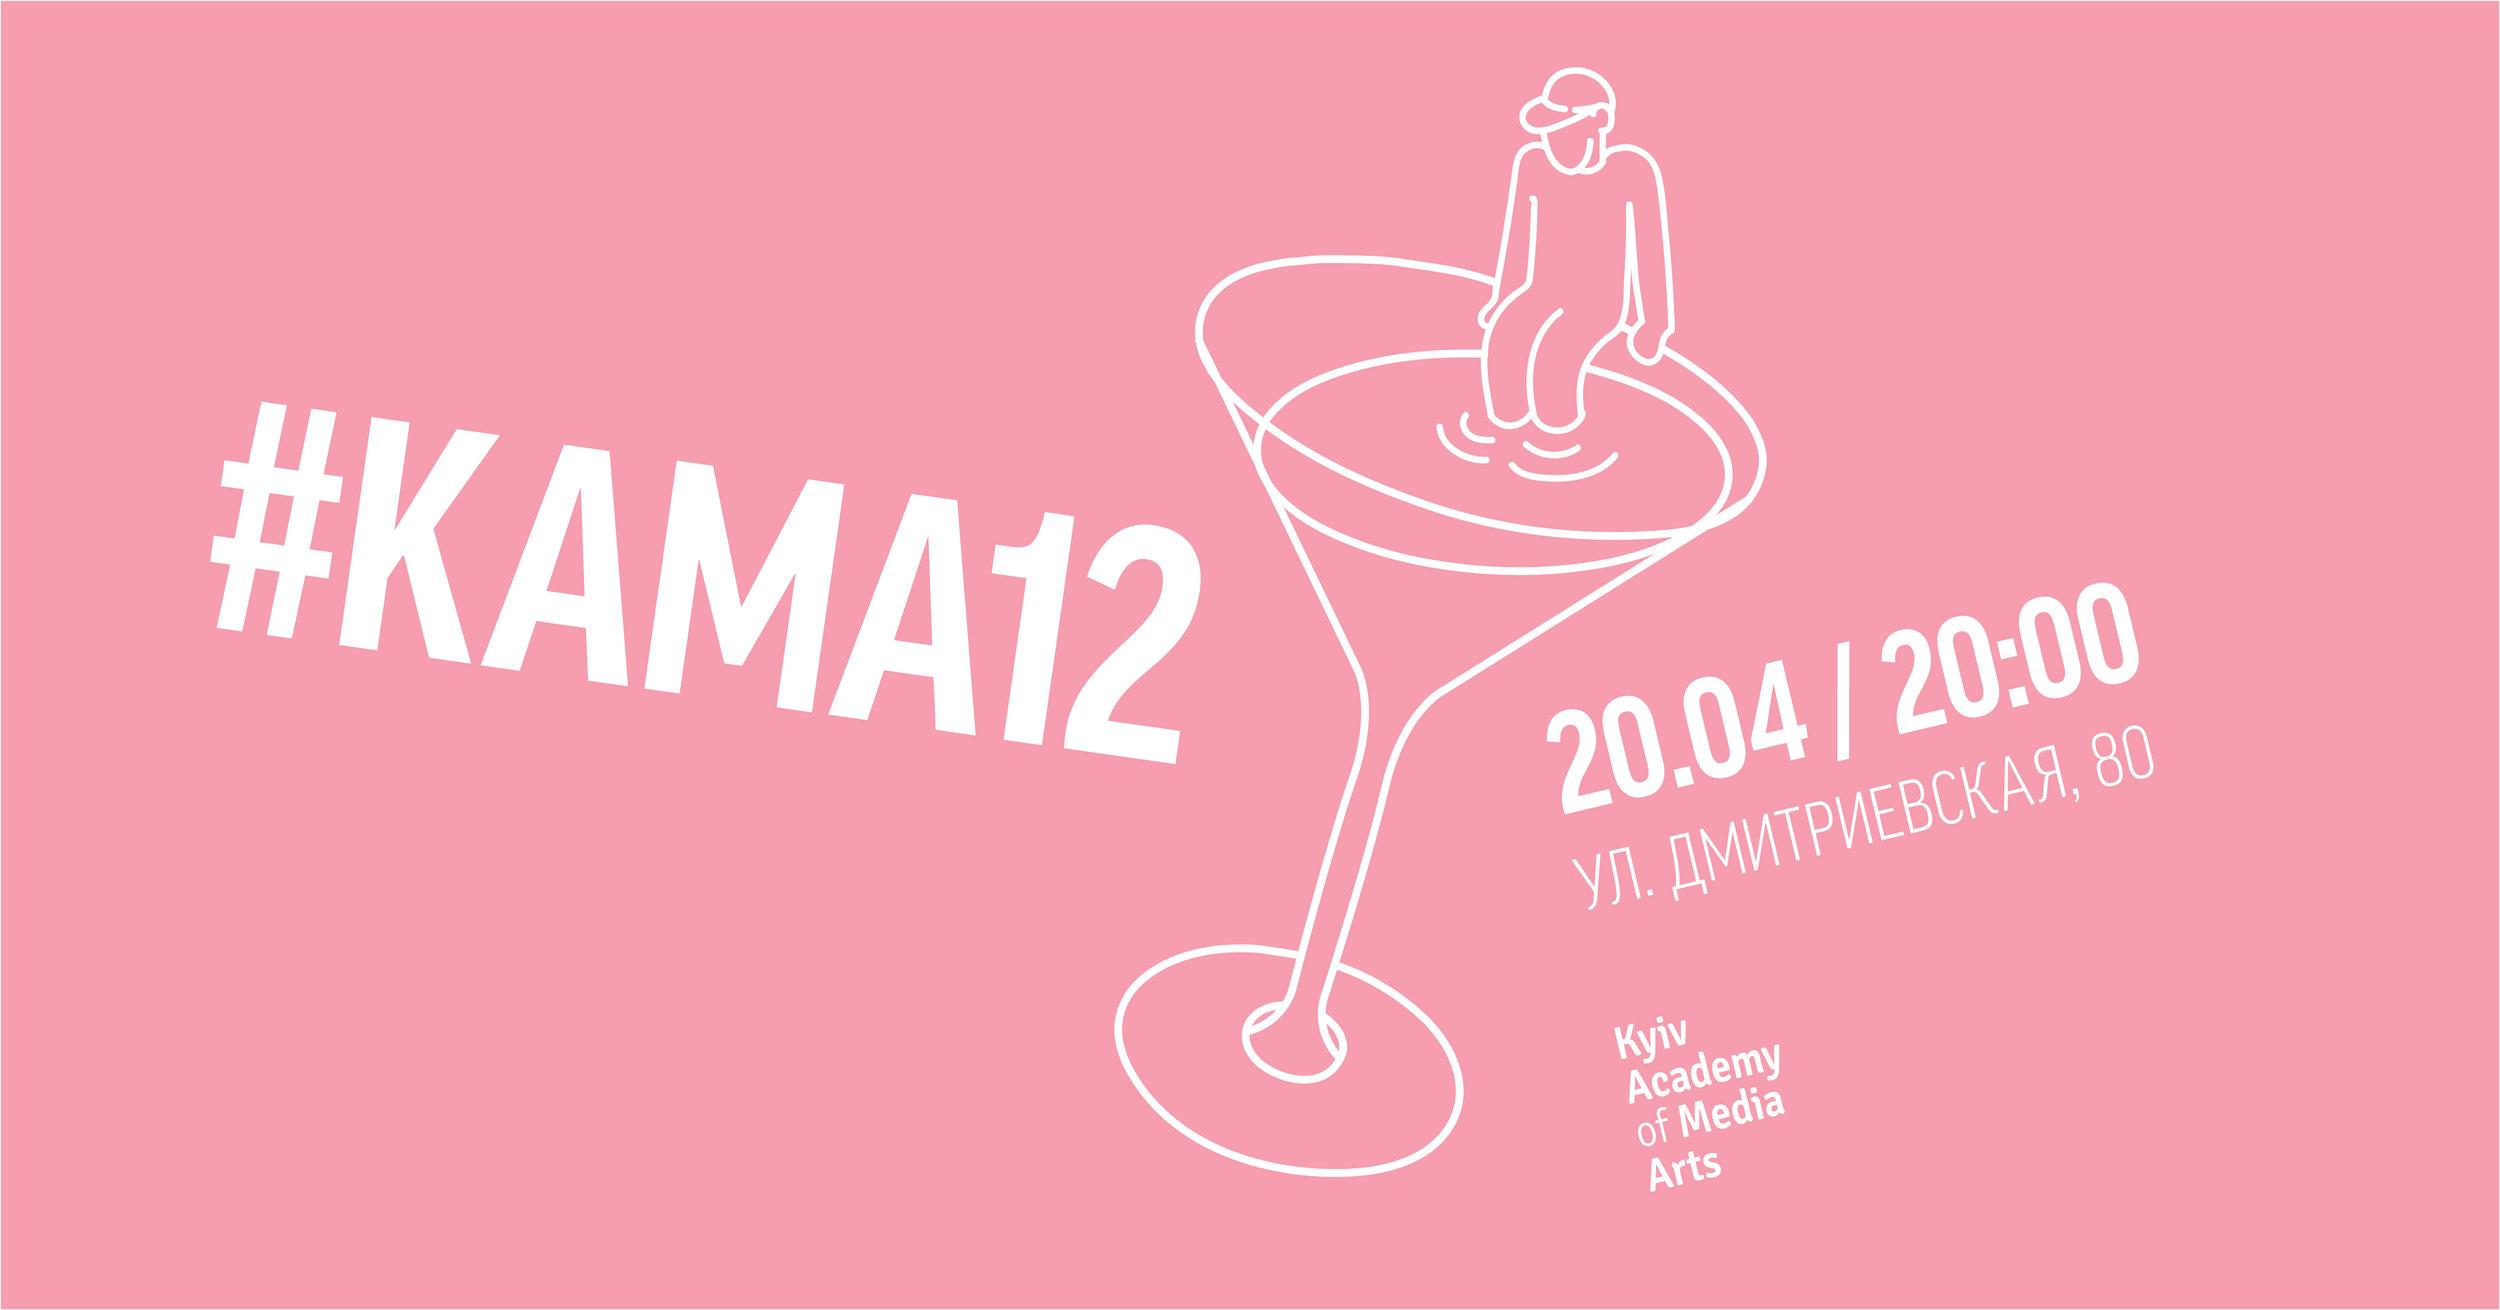 kama12-event-09.jpg